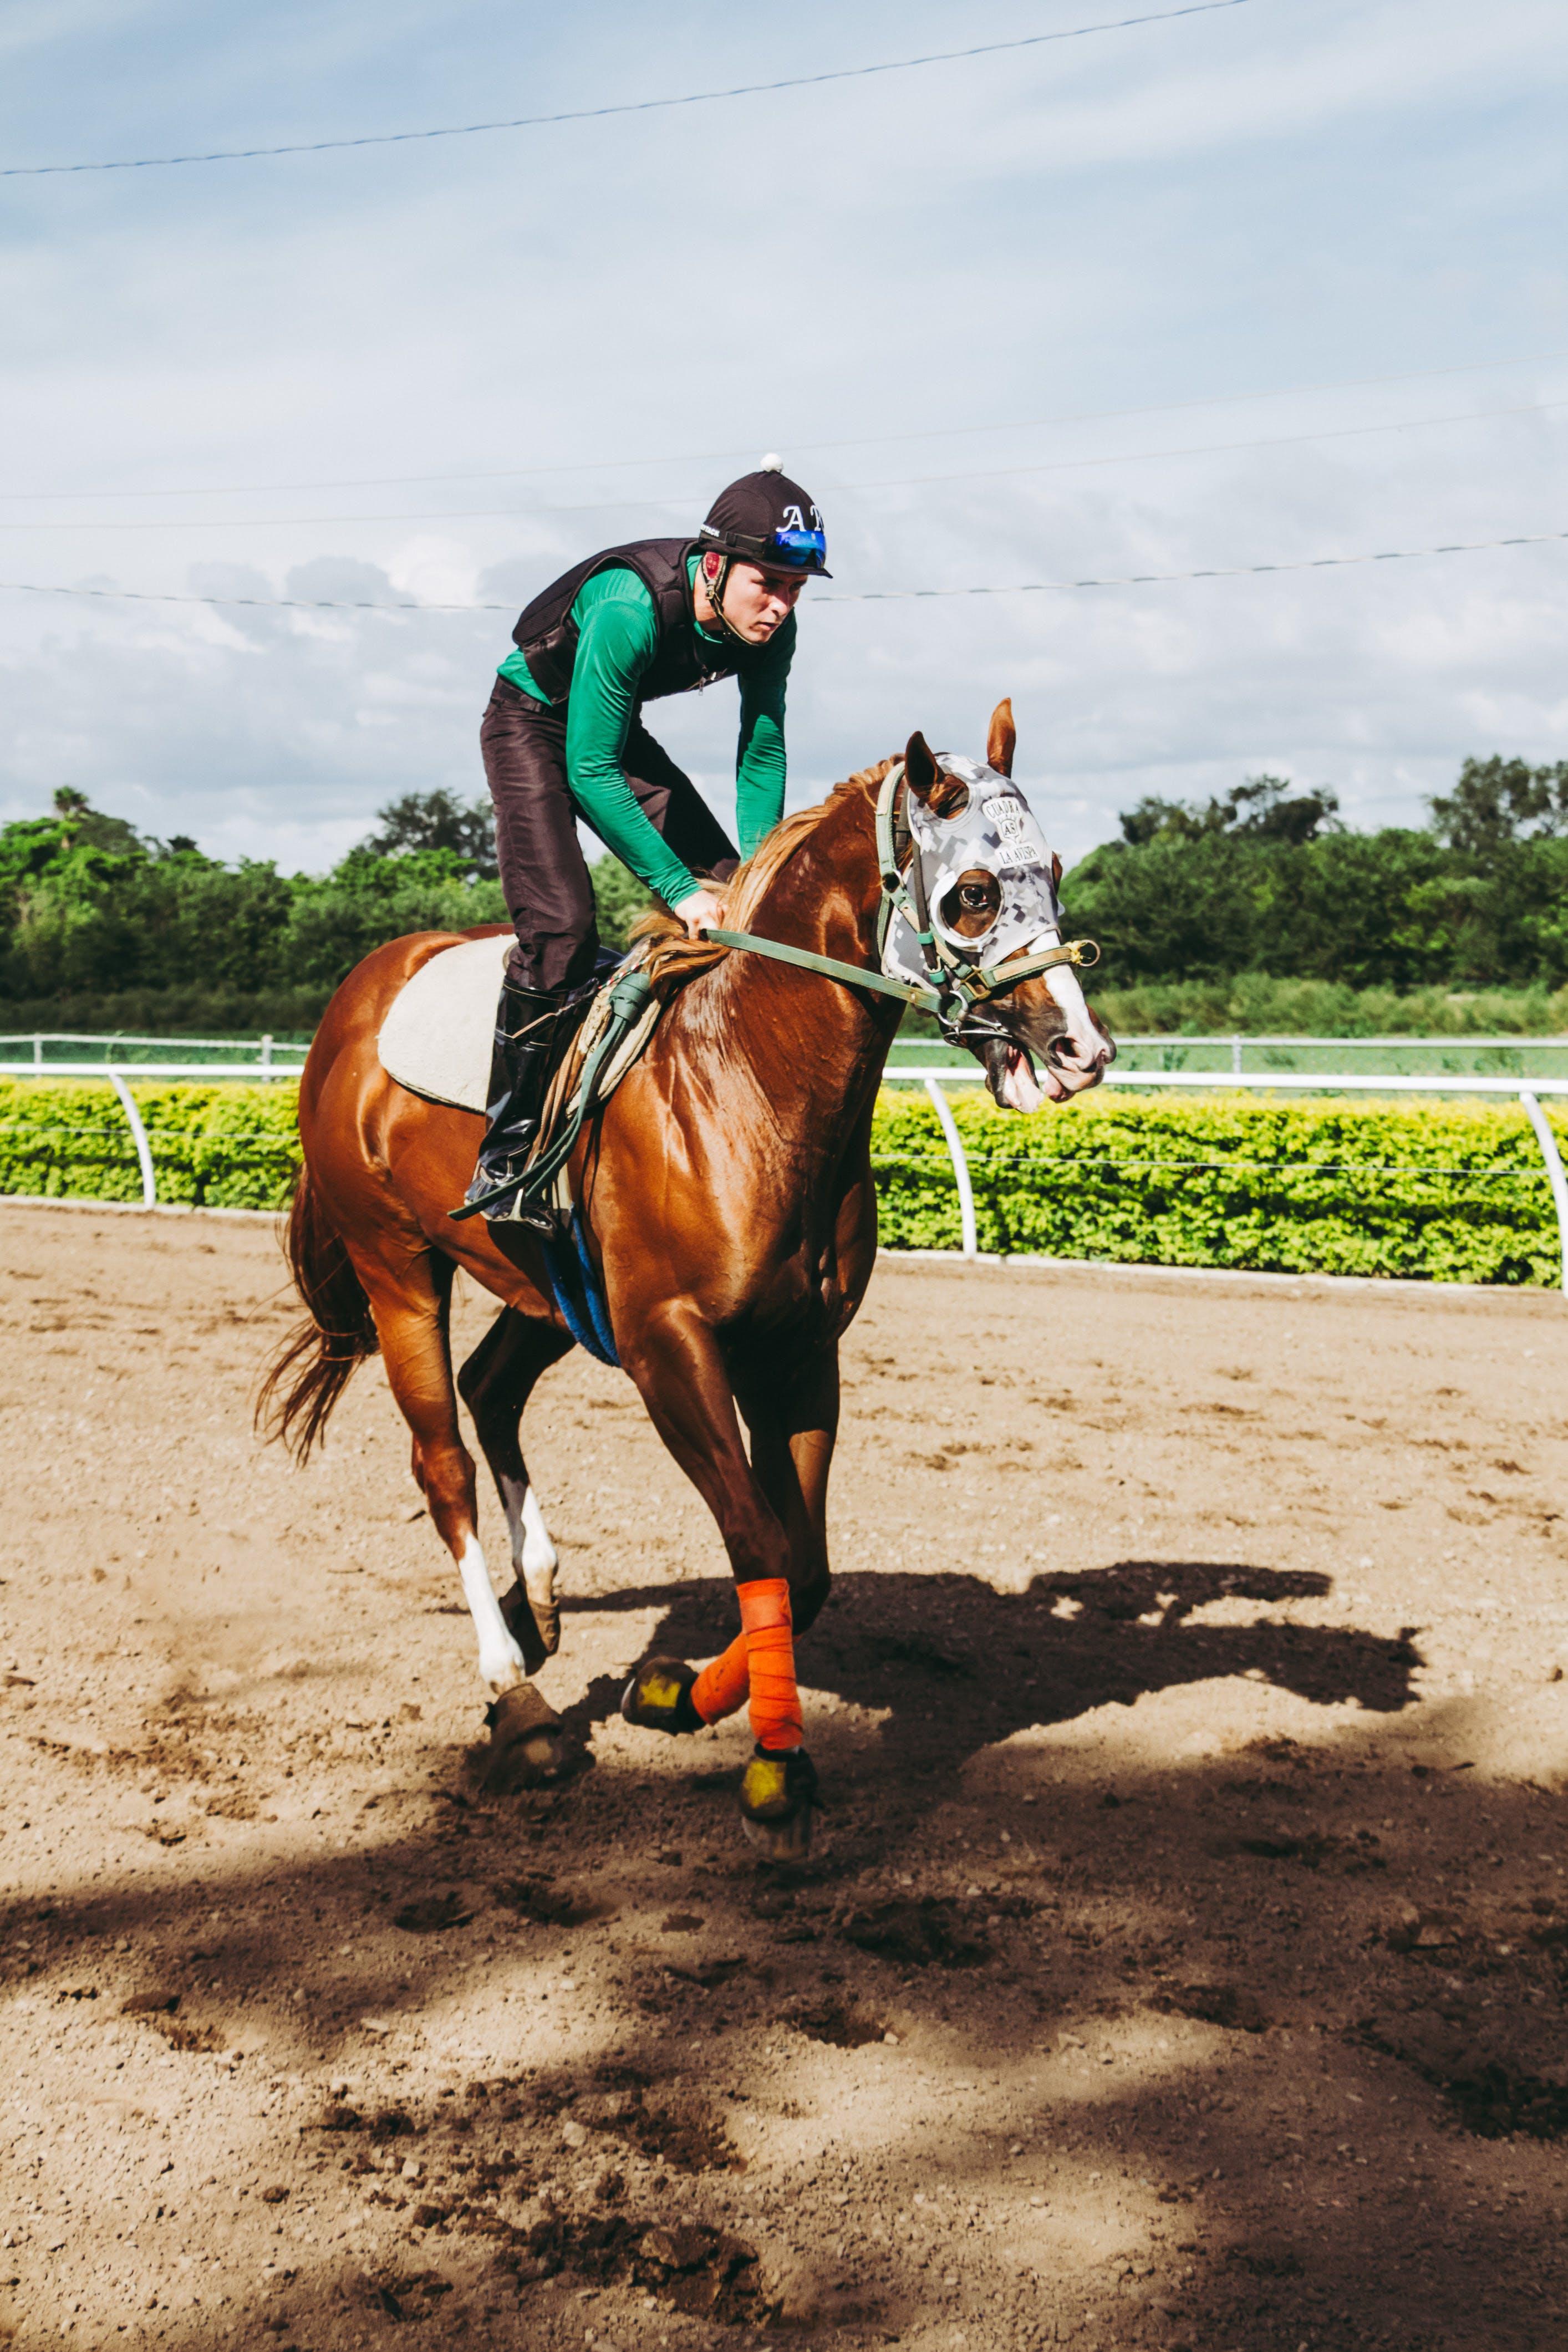 Fotos de stock gratuitas de acción, animal, apostando, atleta